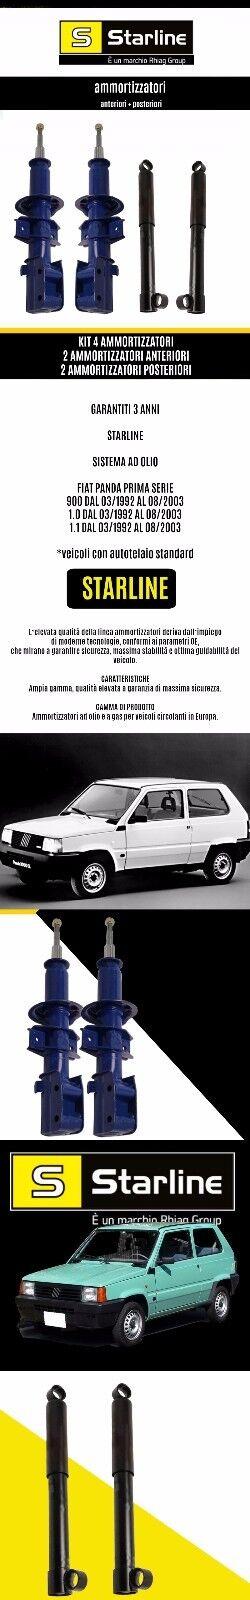 KIT 4 AMMORTIZZATORI STARLINE FIAT PANDA (141) 900, 1.0, 1.1 3 ANNI DI GARANZIA